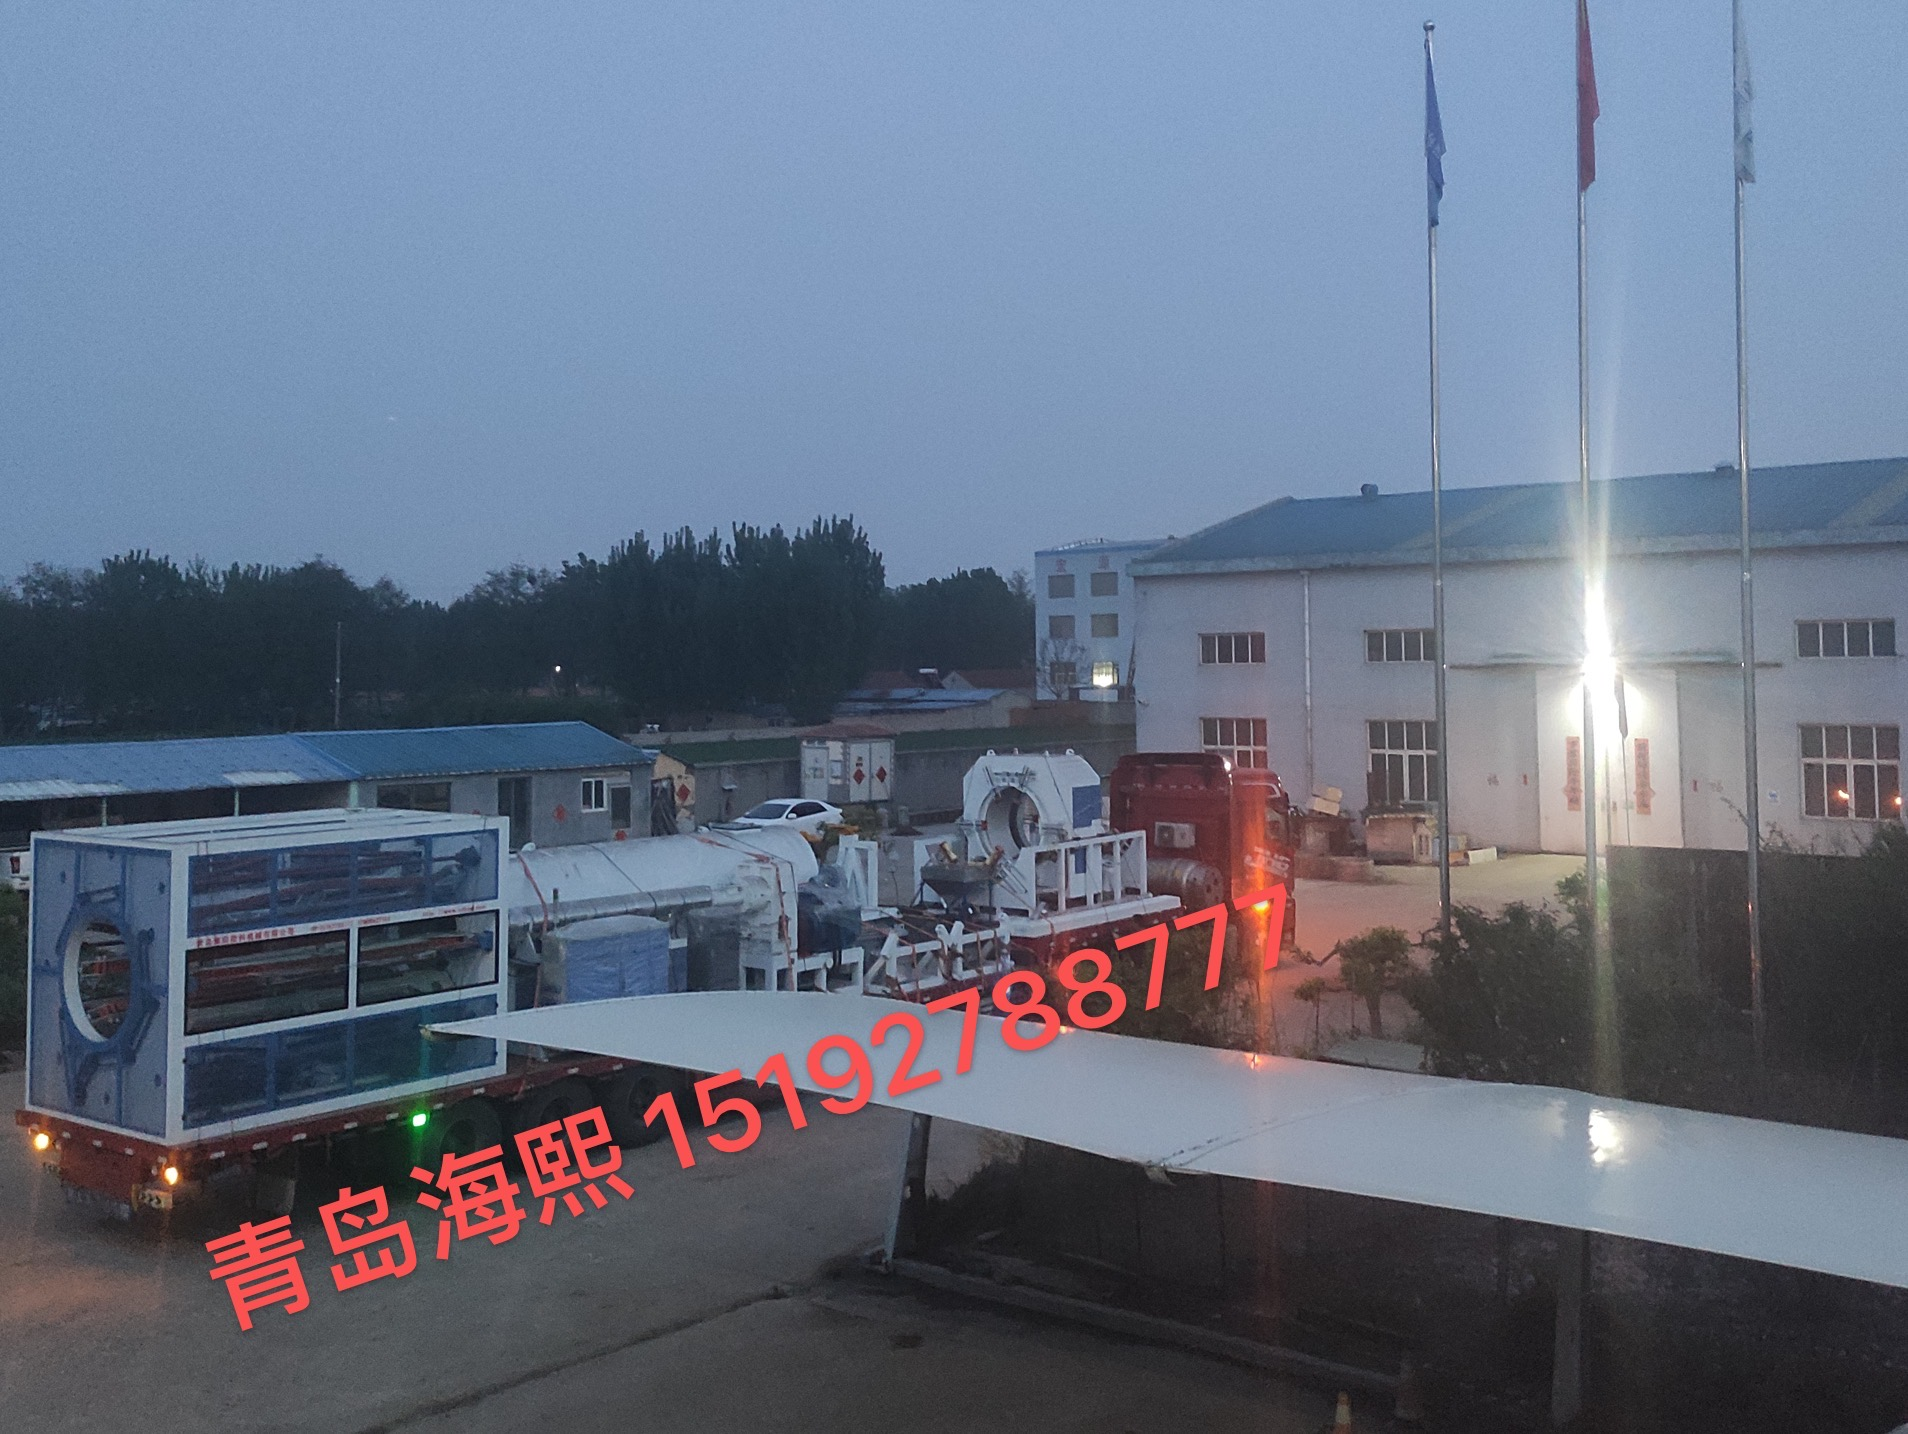 Компания, занимающаяся продажей механического оборудования в городе де шаньчань, находится в центре